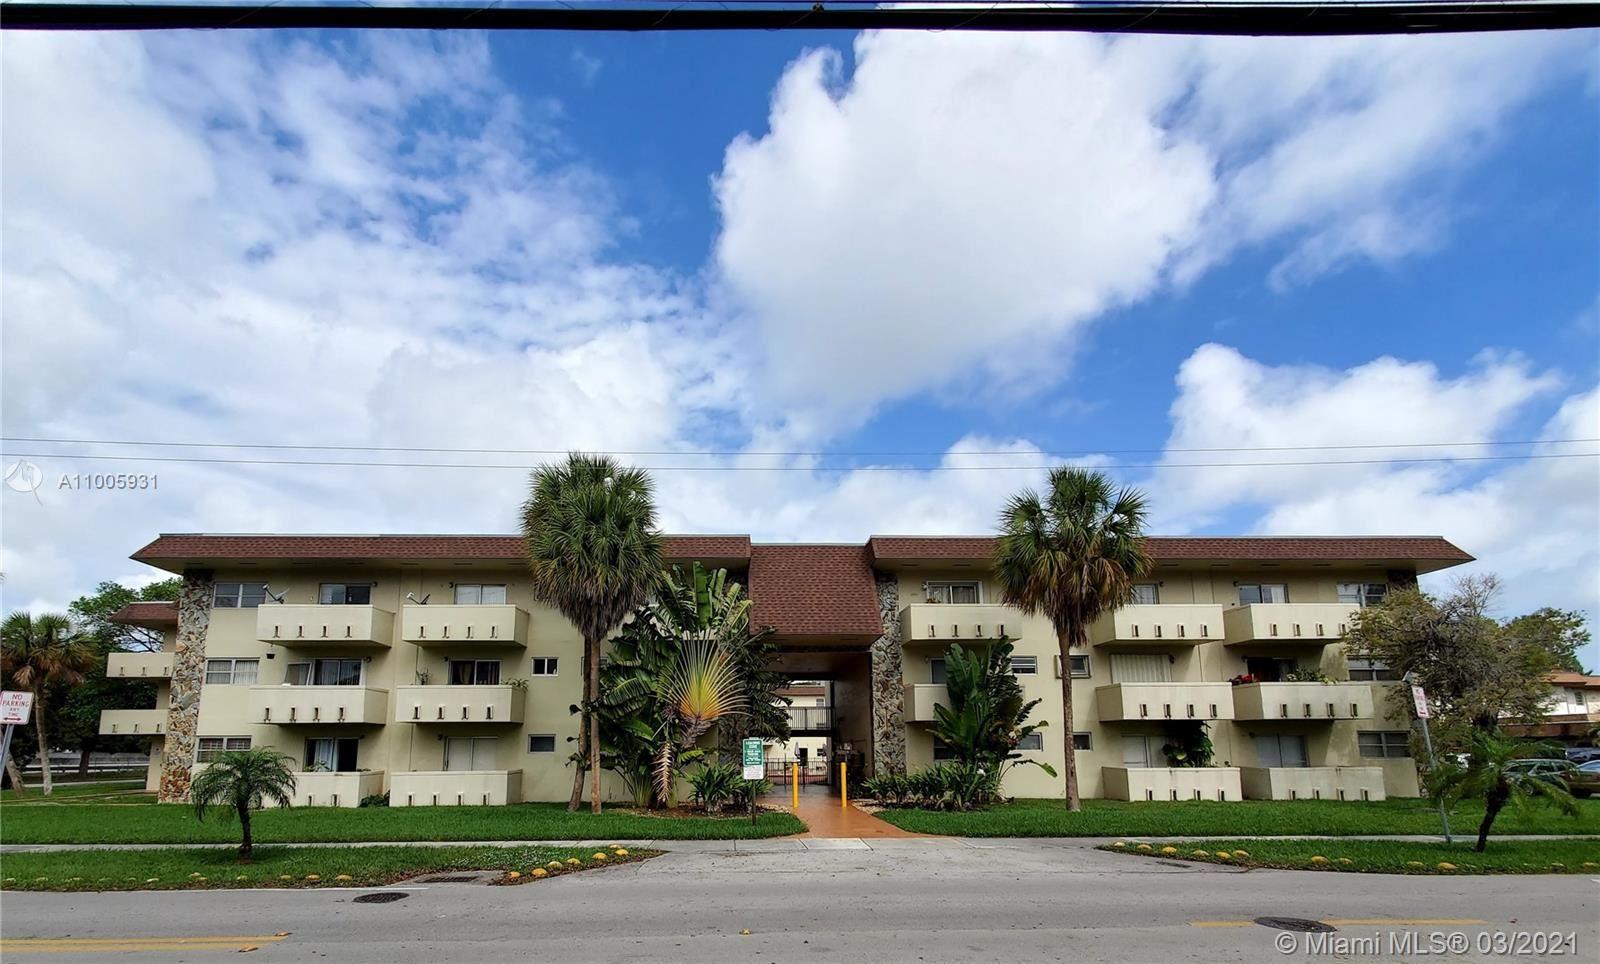 7505 SW 82nd St #203, Miami, FL 33143 - #: A11005931